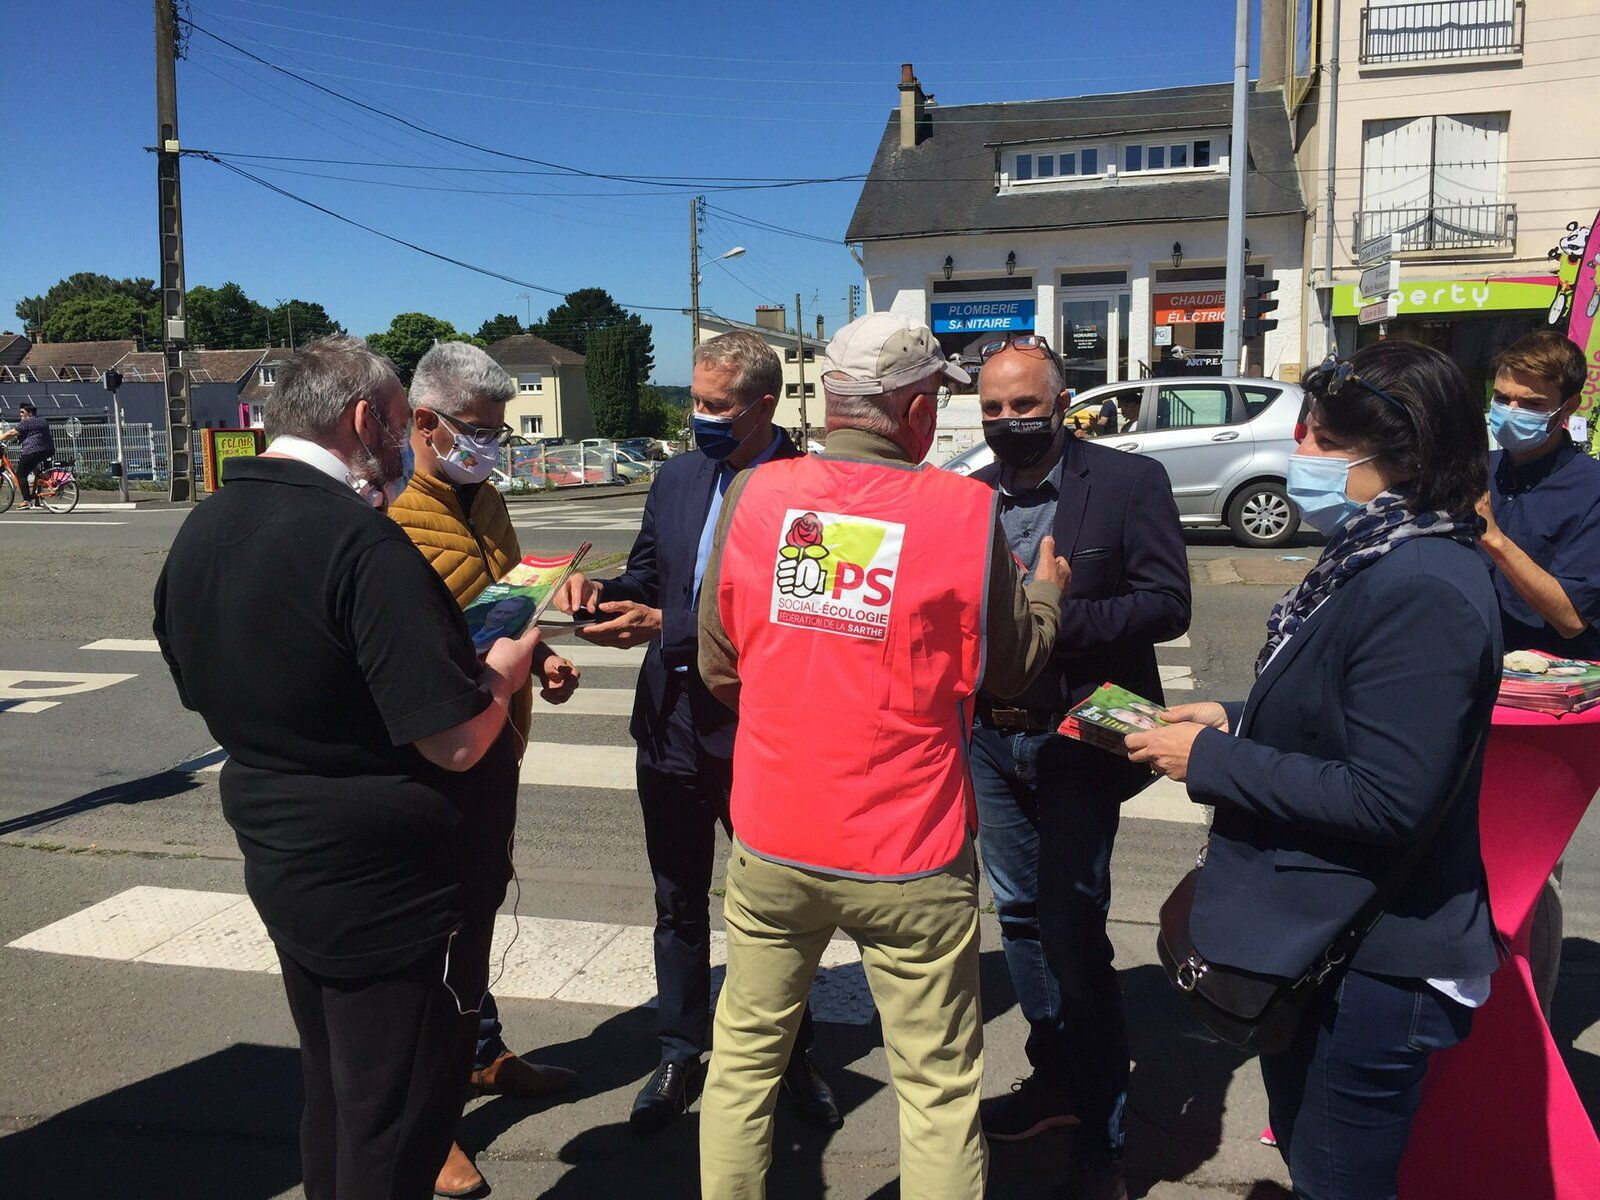 Région - Département : un même combat pour construire l'alternance à gauche